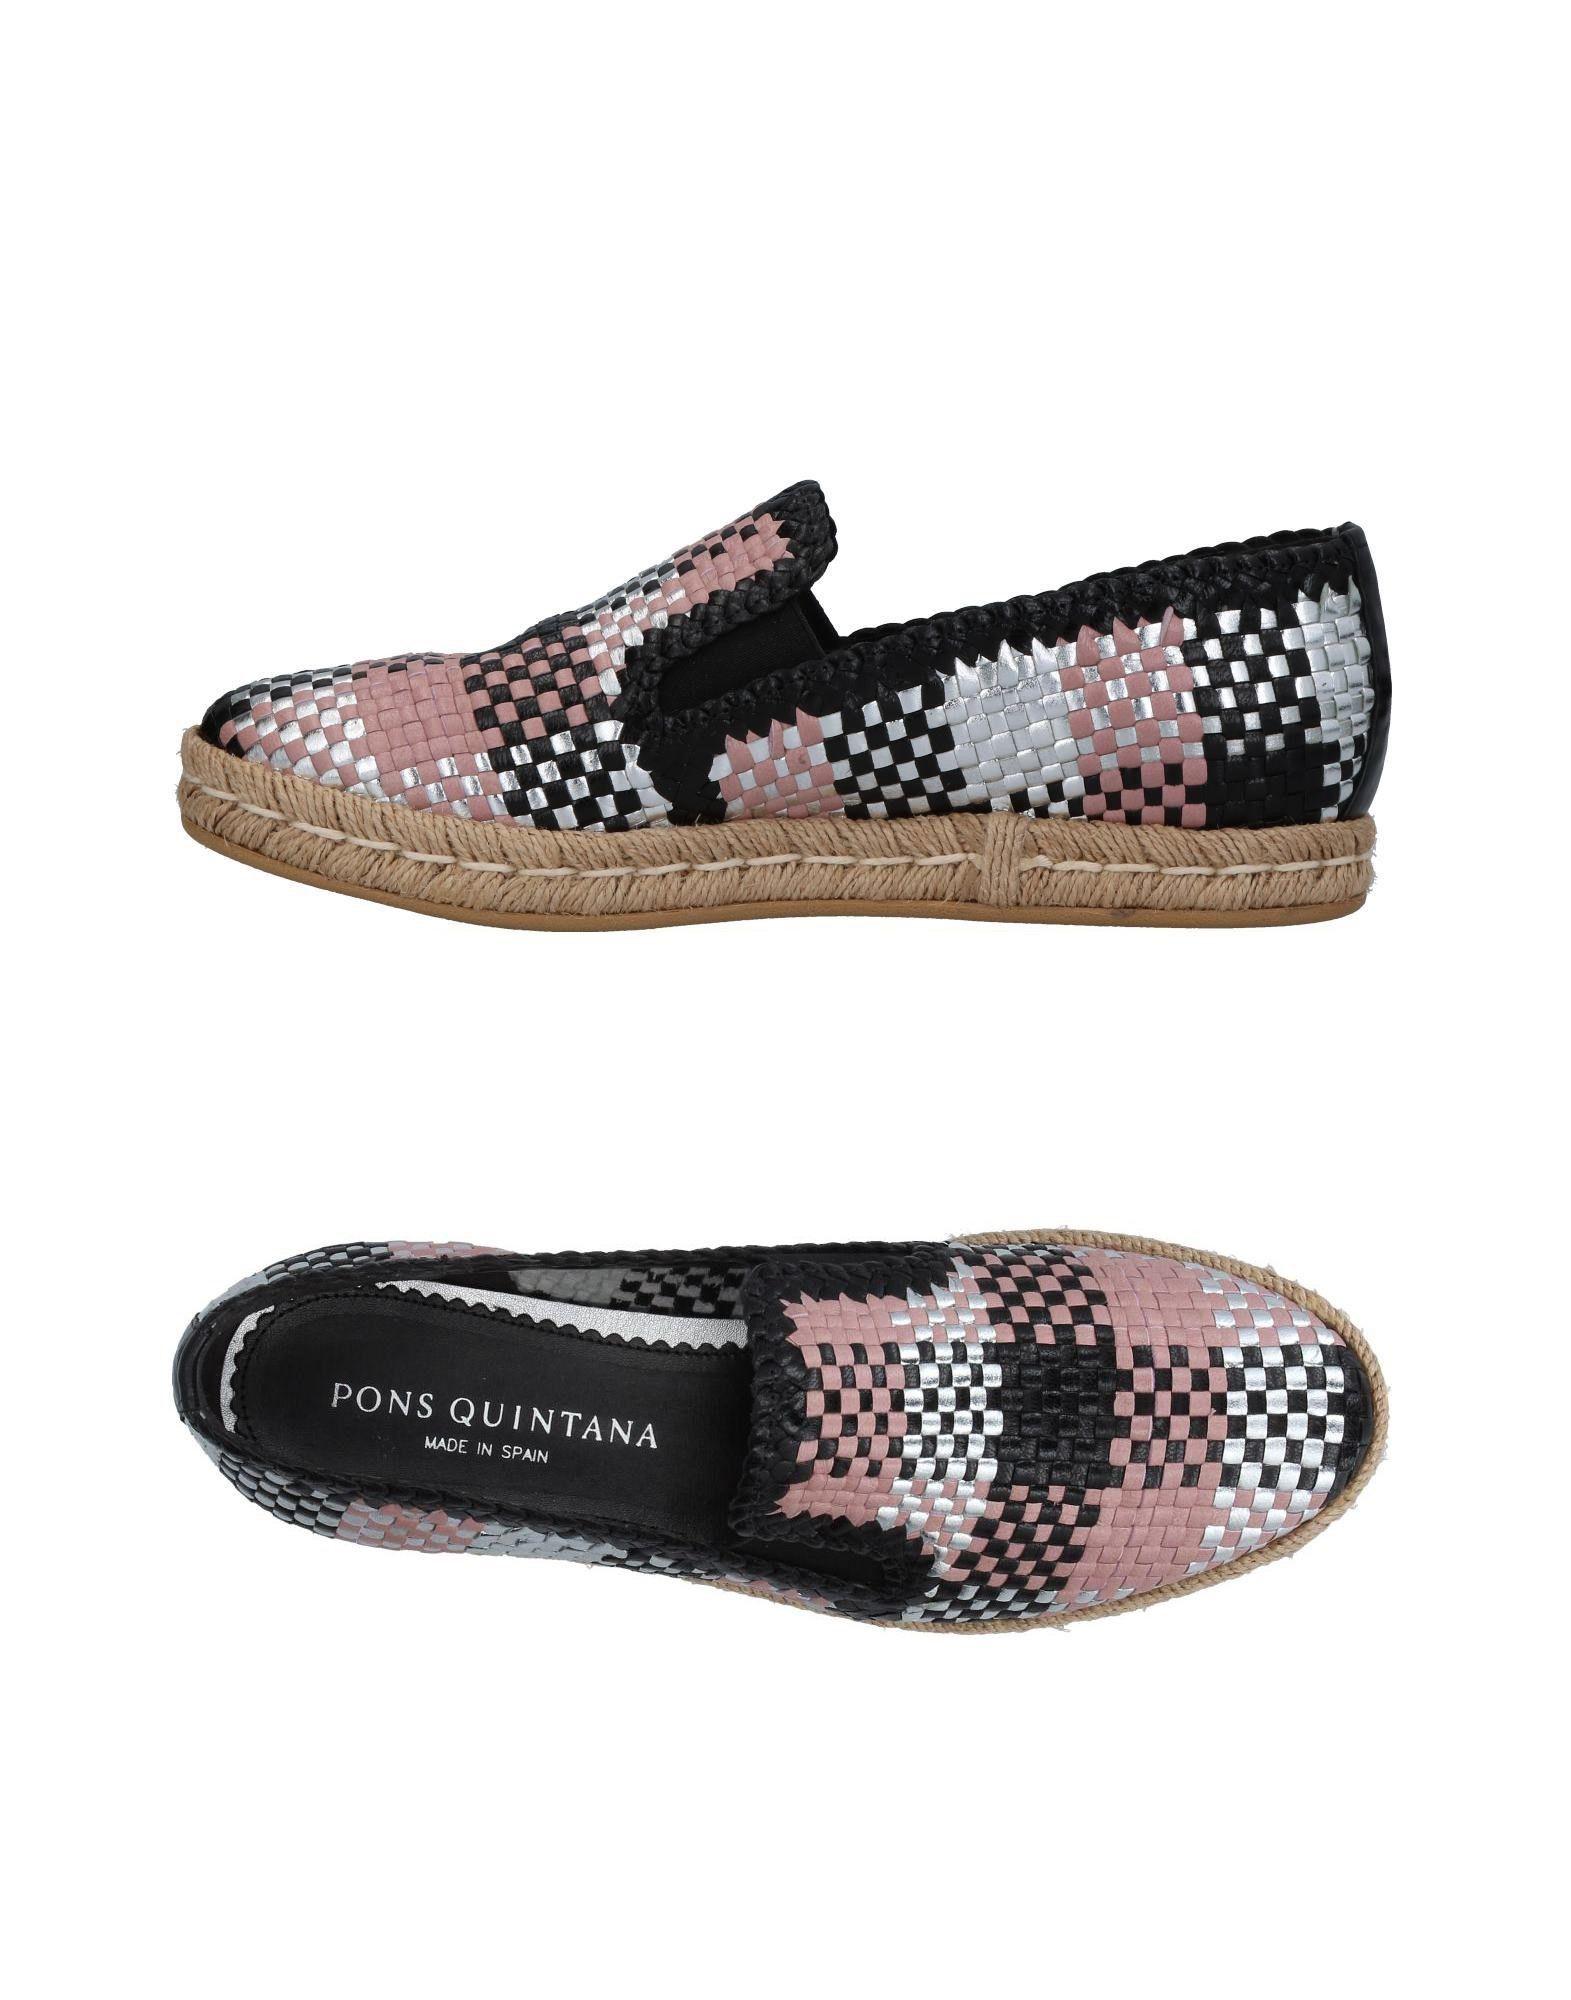 Pons Quintana Espadrilles Damen  11399900CQ Gute Qualität beliebte Schuhe